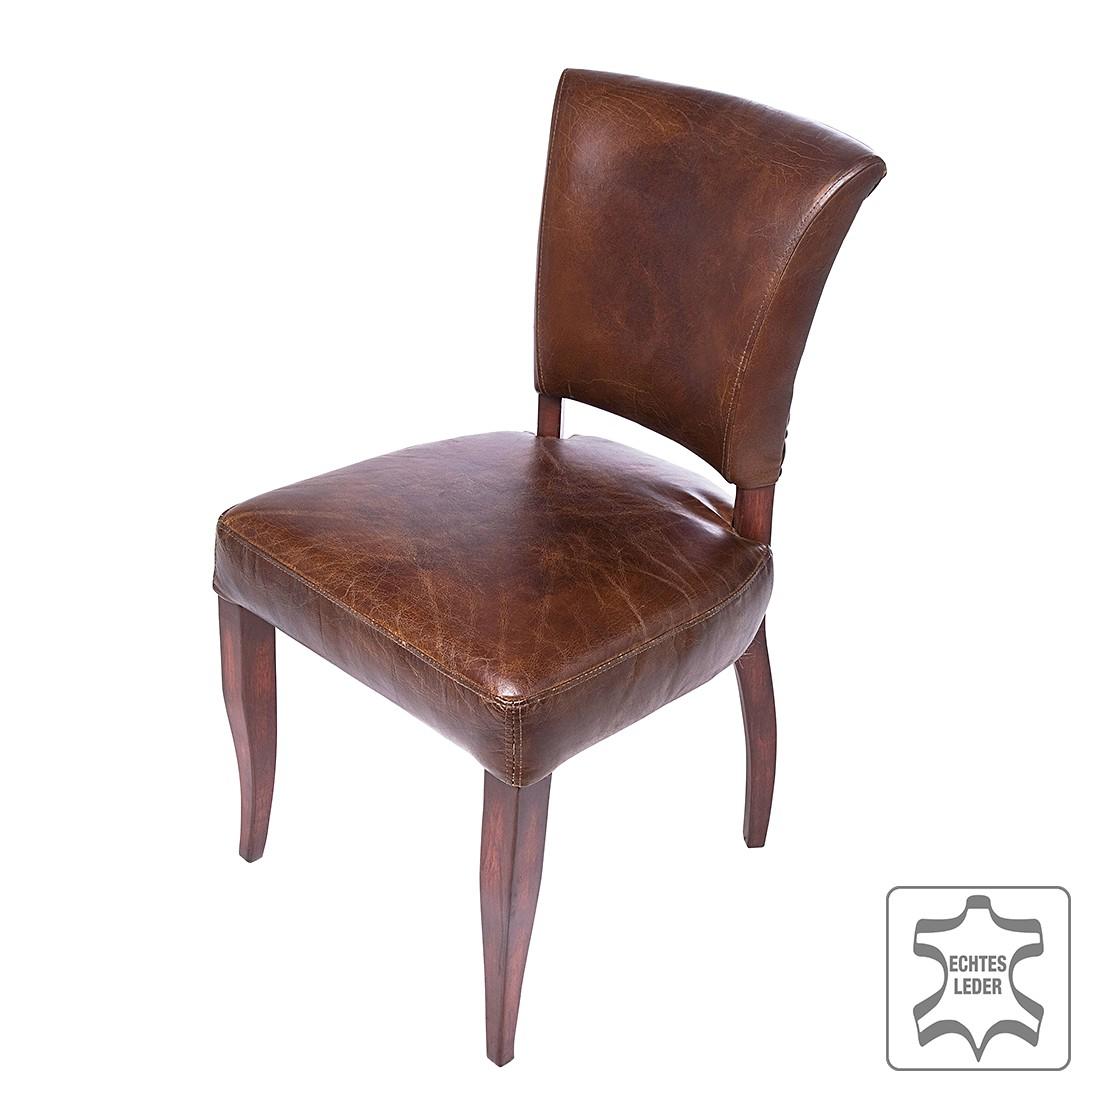 Cigar lounge low fauteuil kare design in de aanbieding kopen